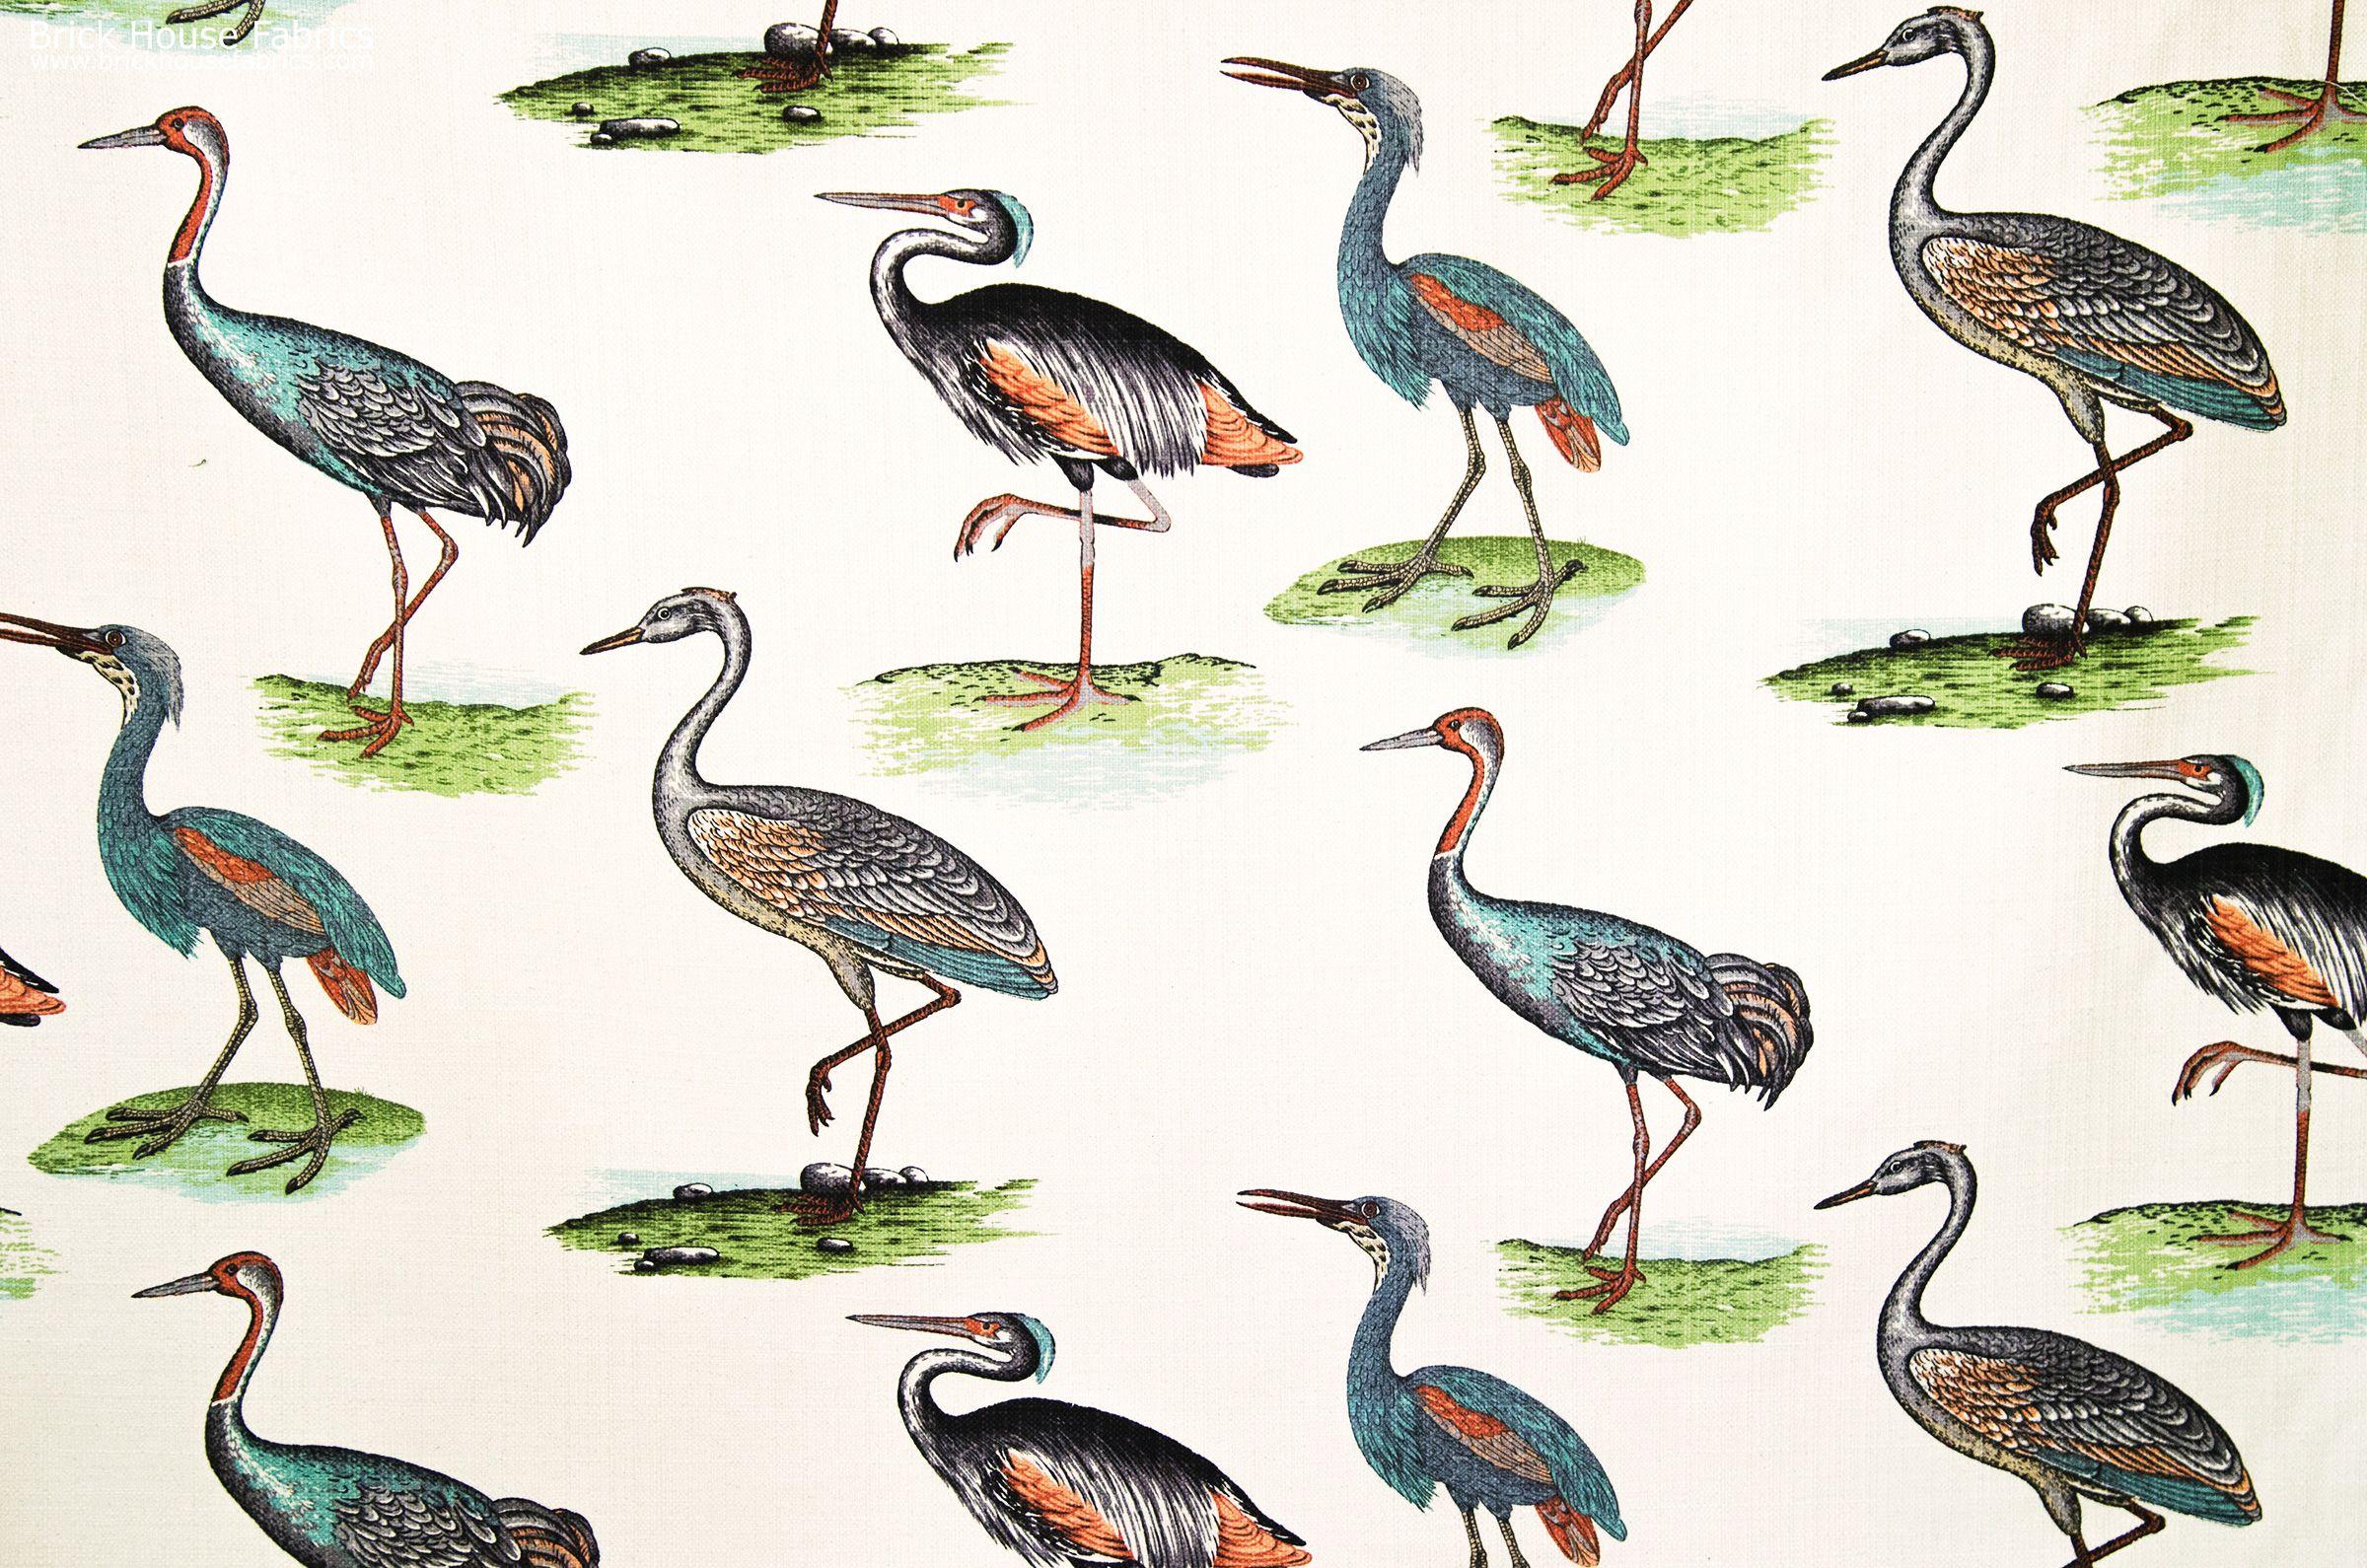 Blue Bird Fabric Heron Crane A Bird Fabric With Cranes Herons